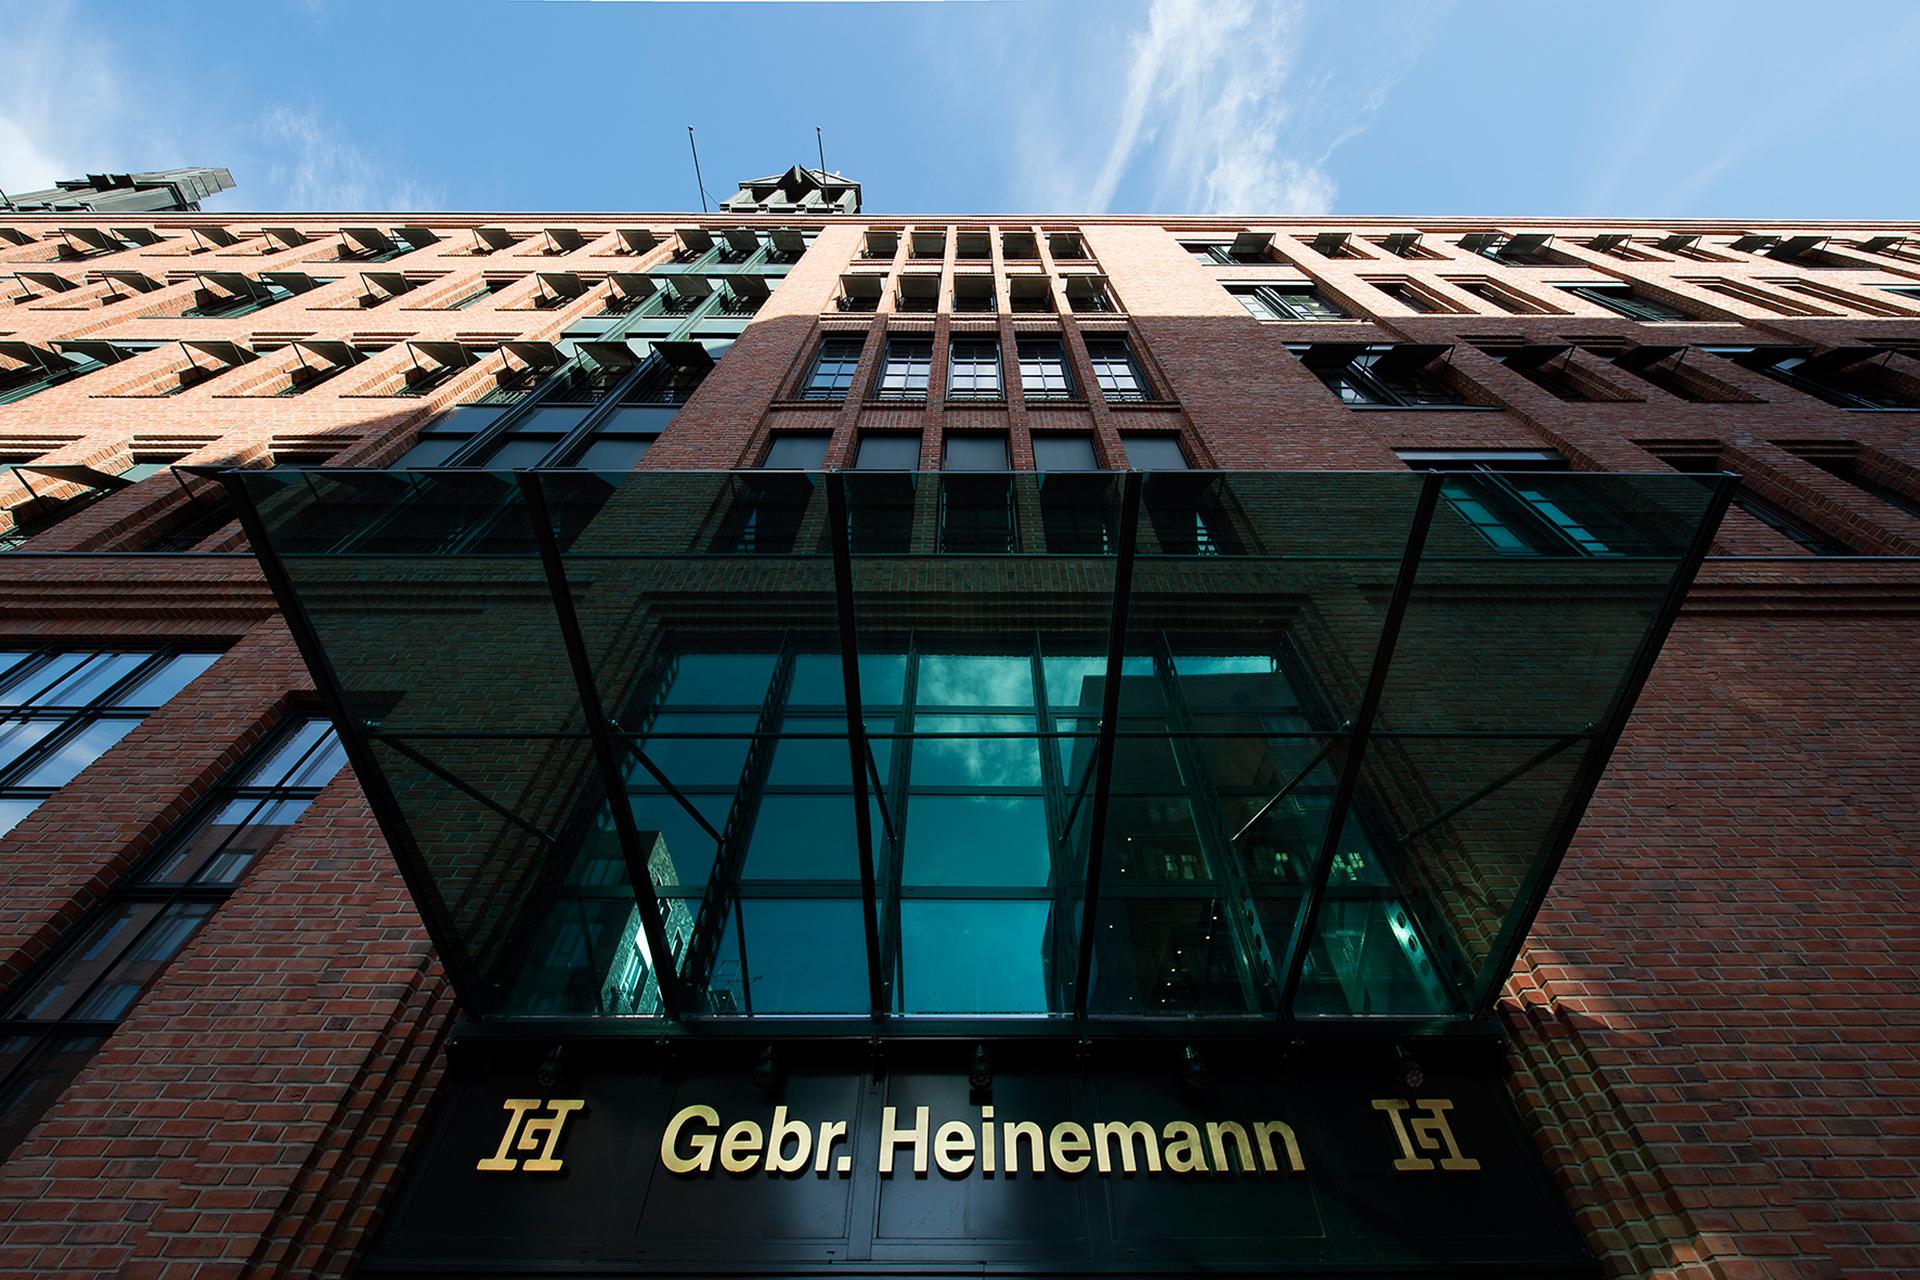 Architekturfoto, Gebr. Heinemann, Anna M. Traenkner Hamburg 2